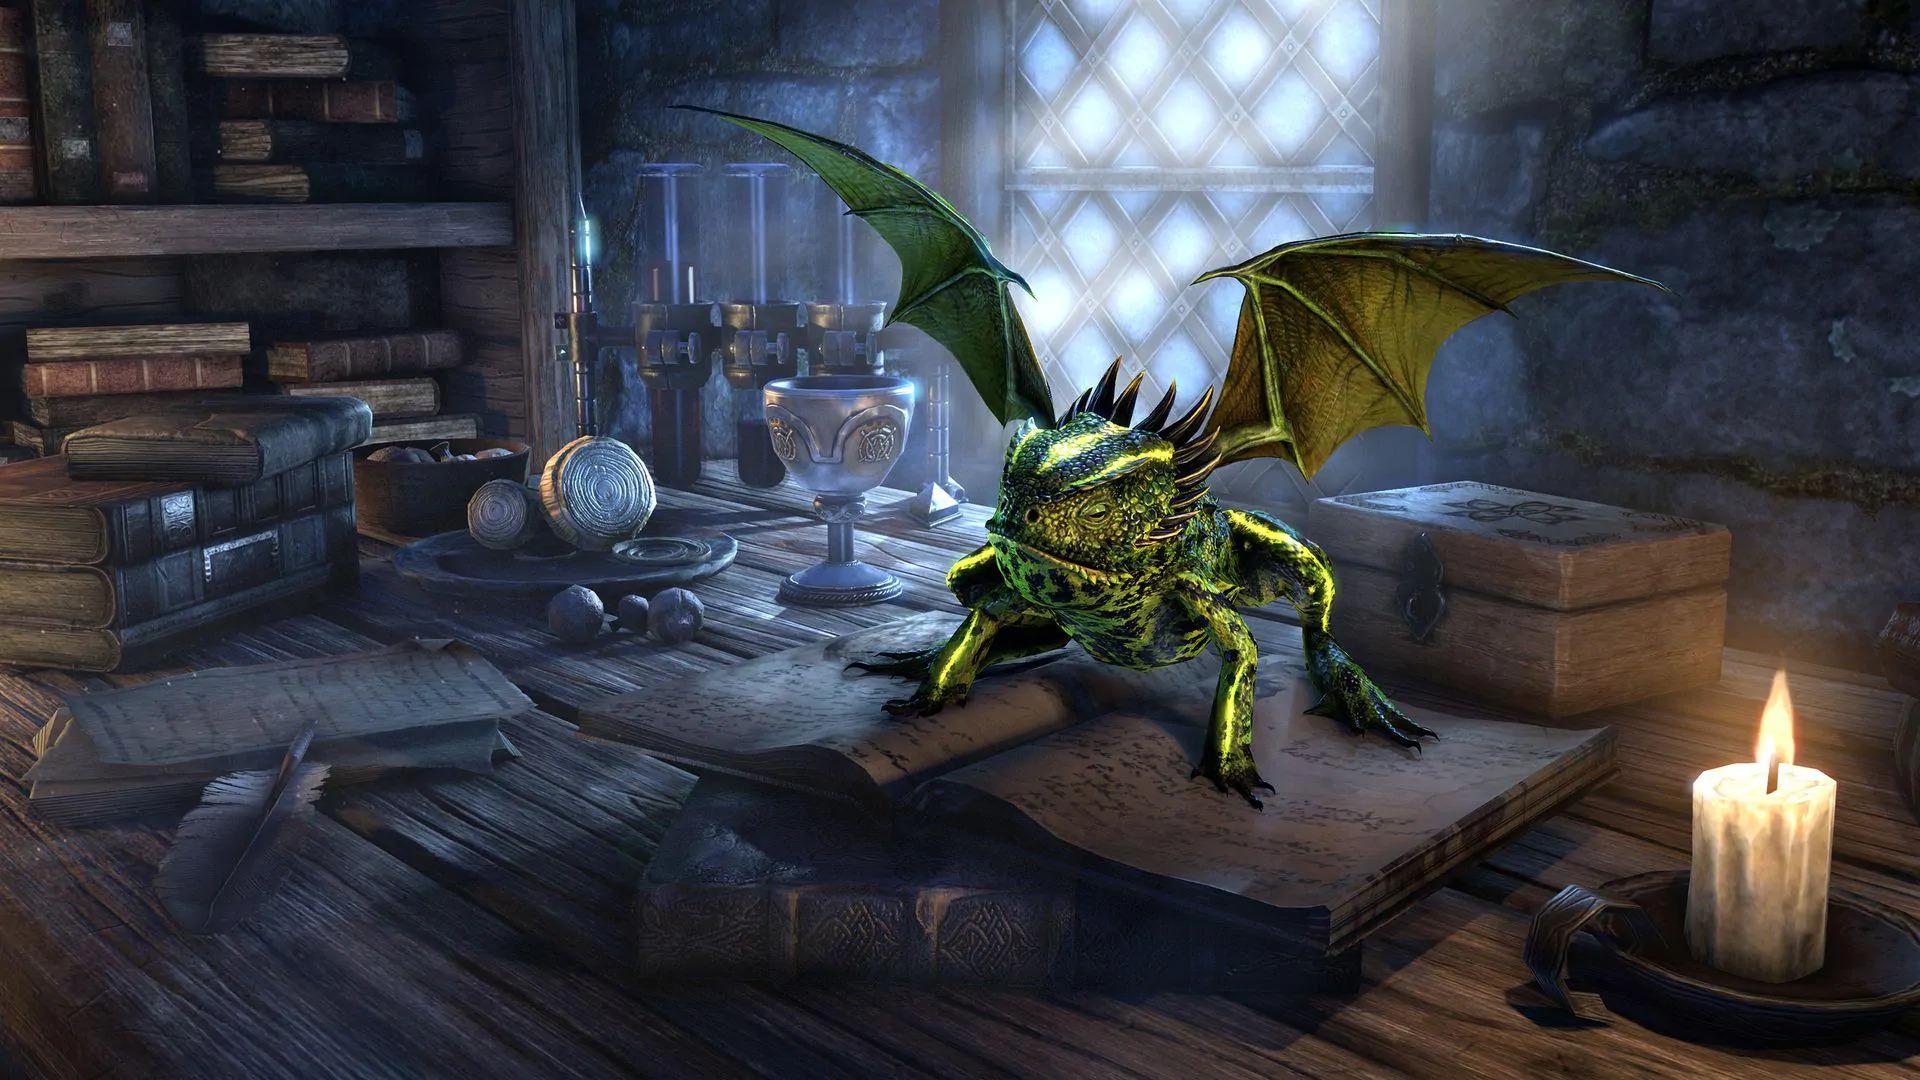 The Elder Scrolls Online - Gates of Oblivion se představí později ezgif.com webp to jpg